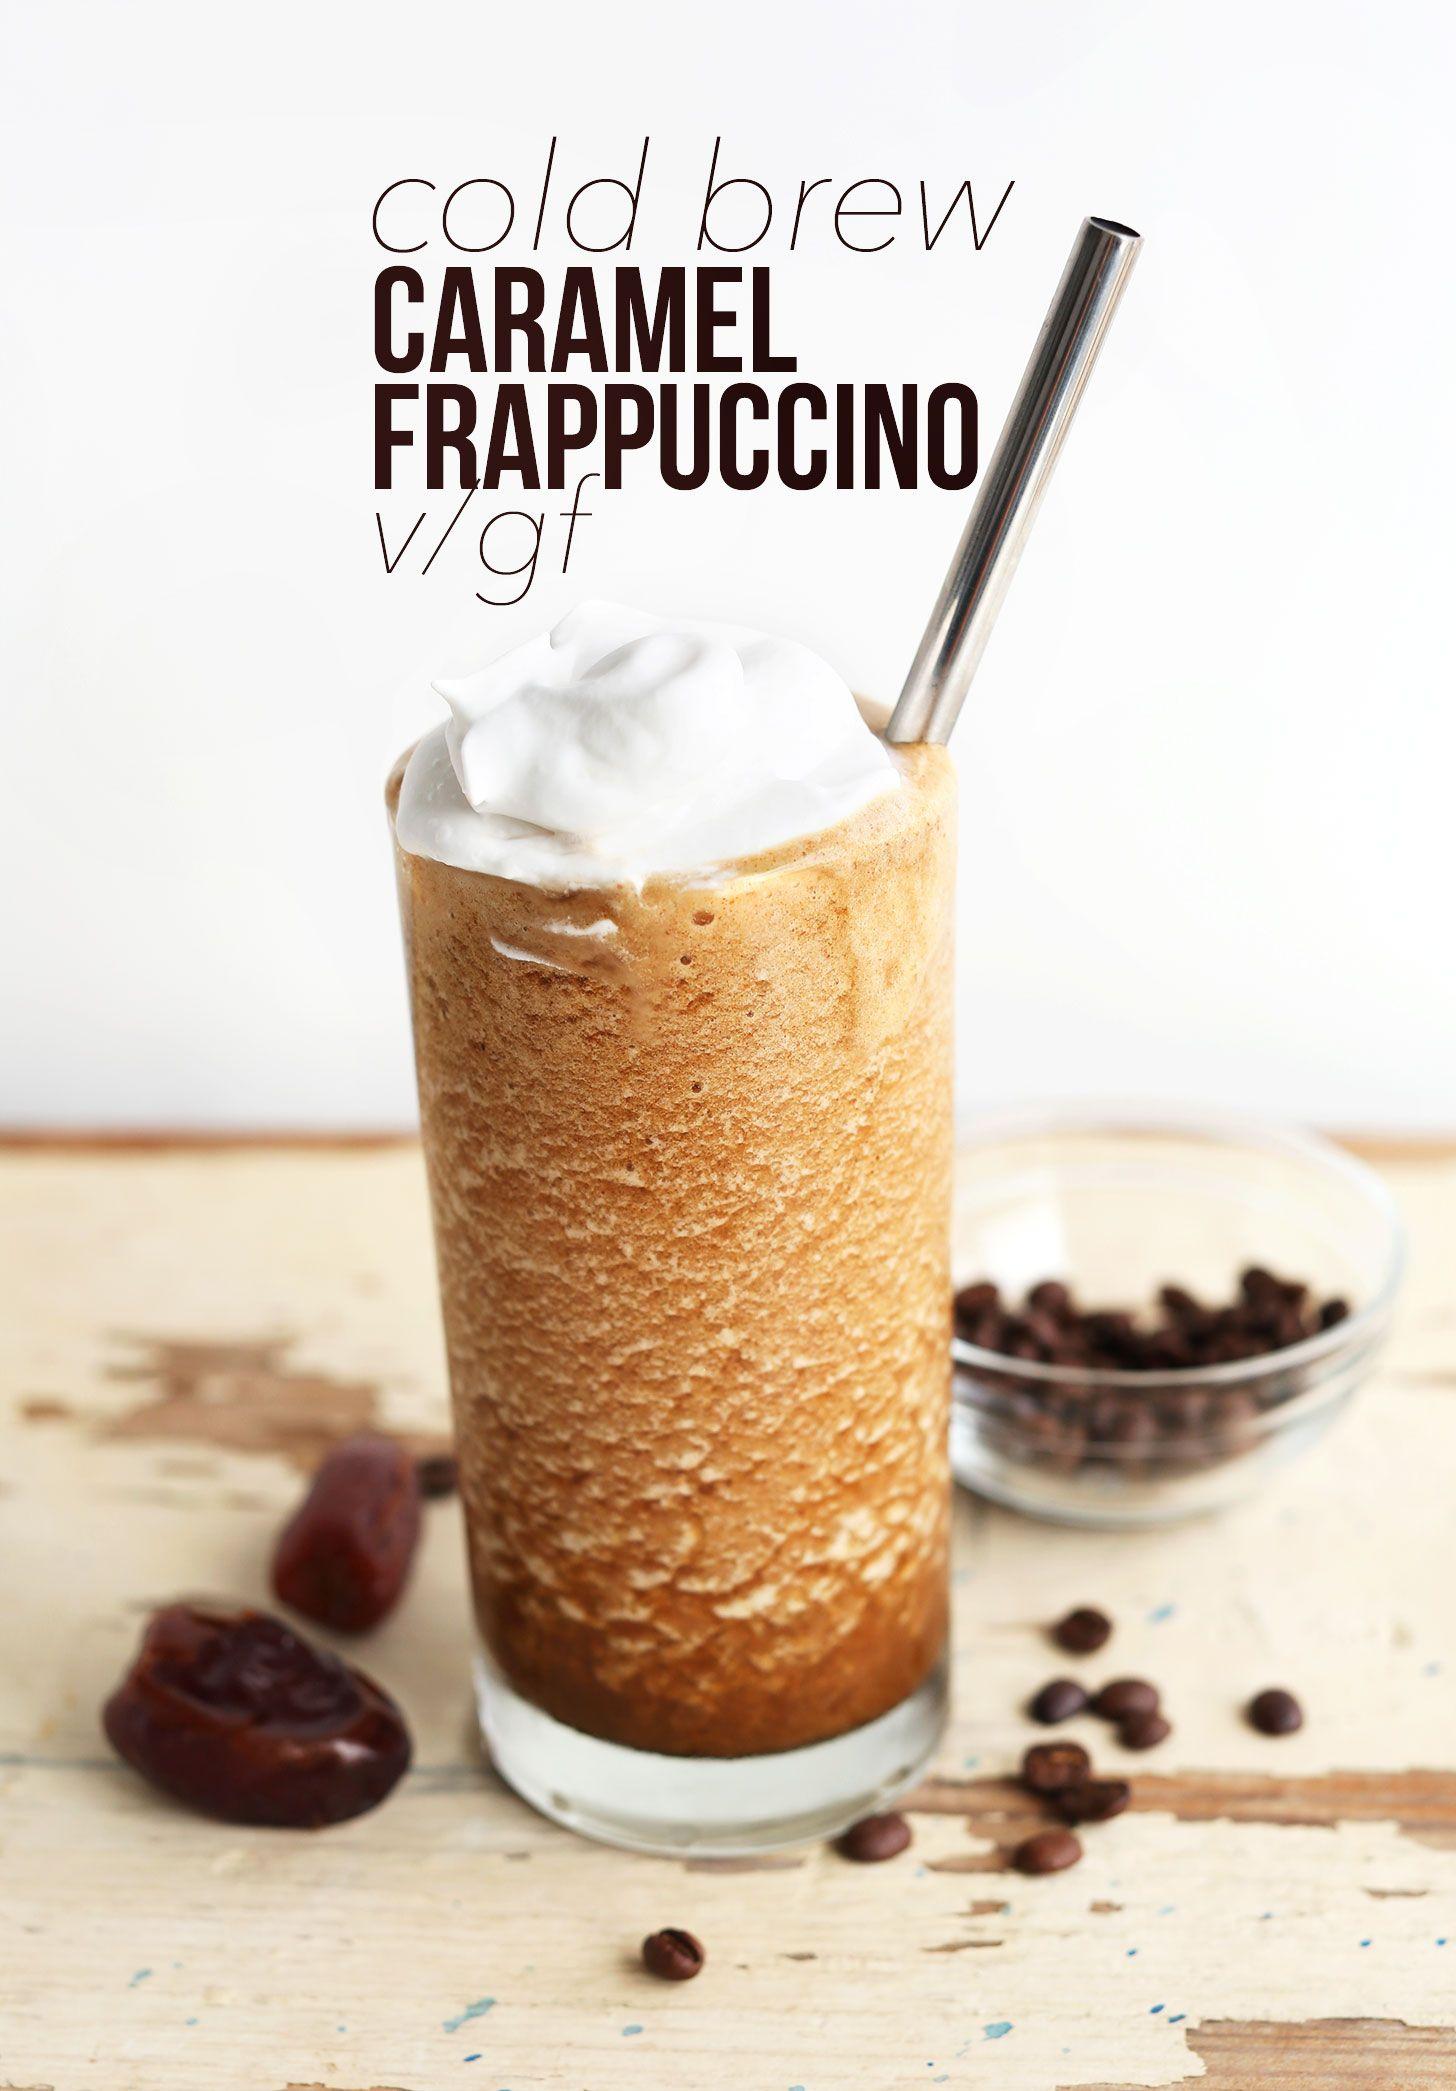 caramel frappuccino recept